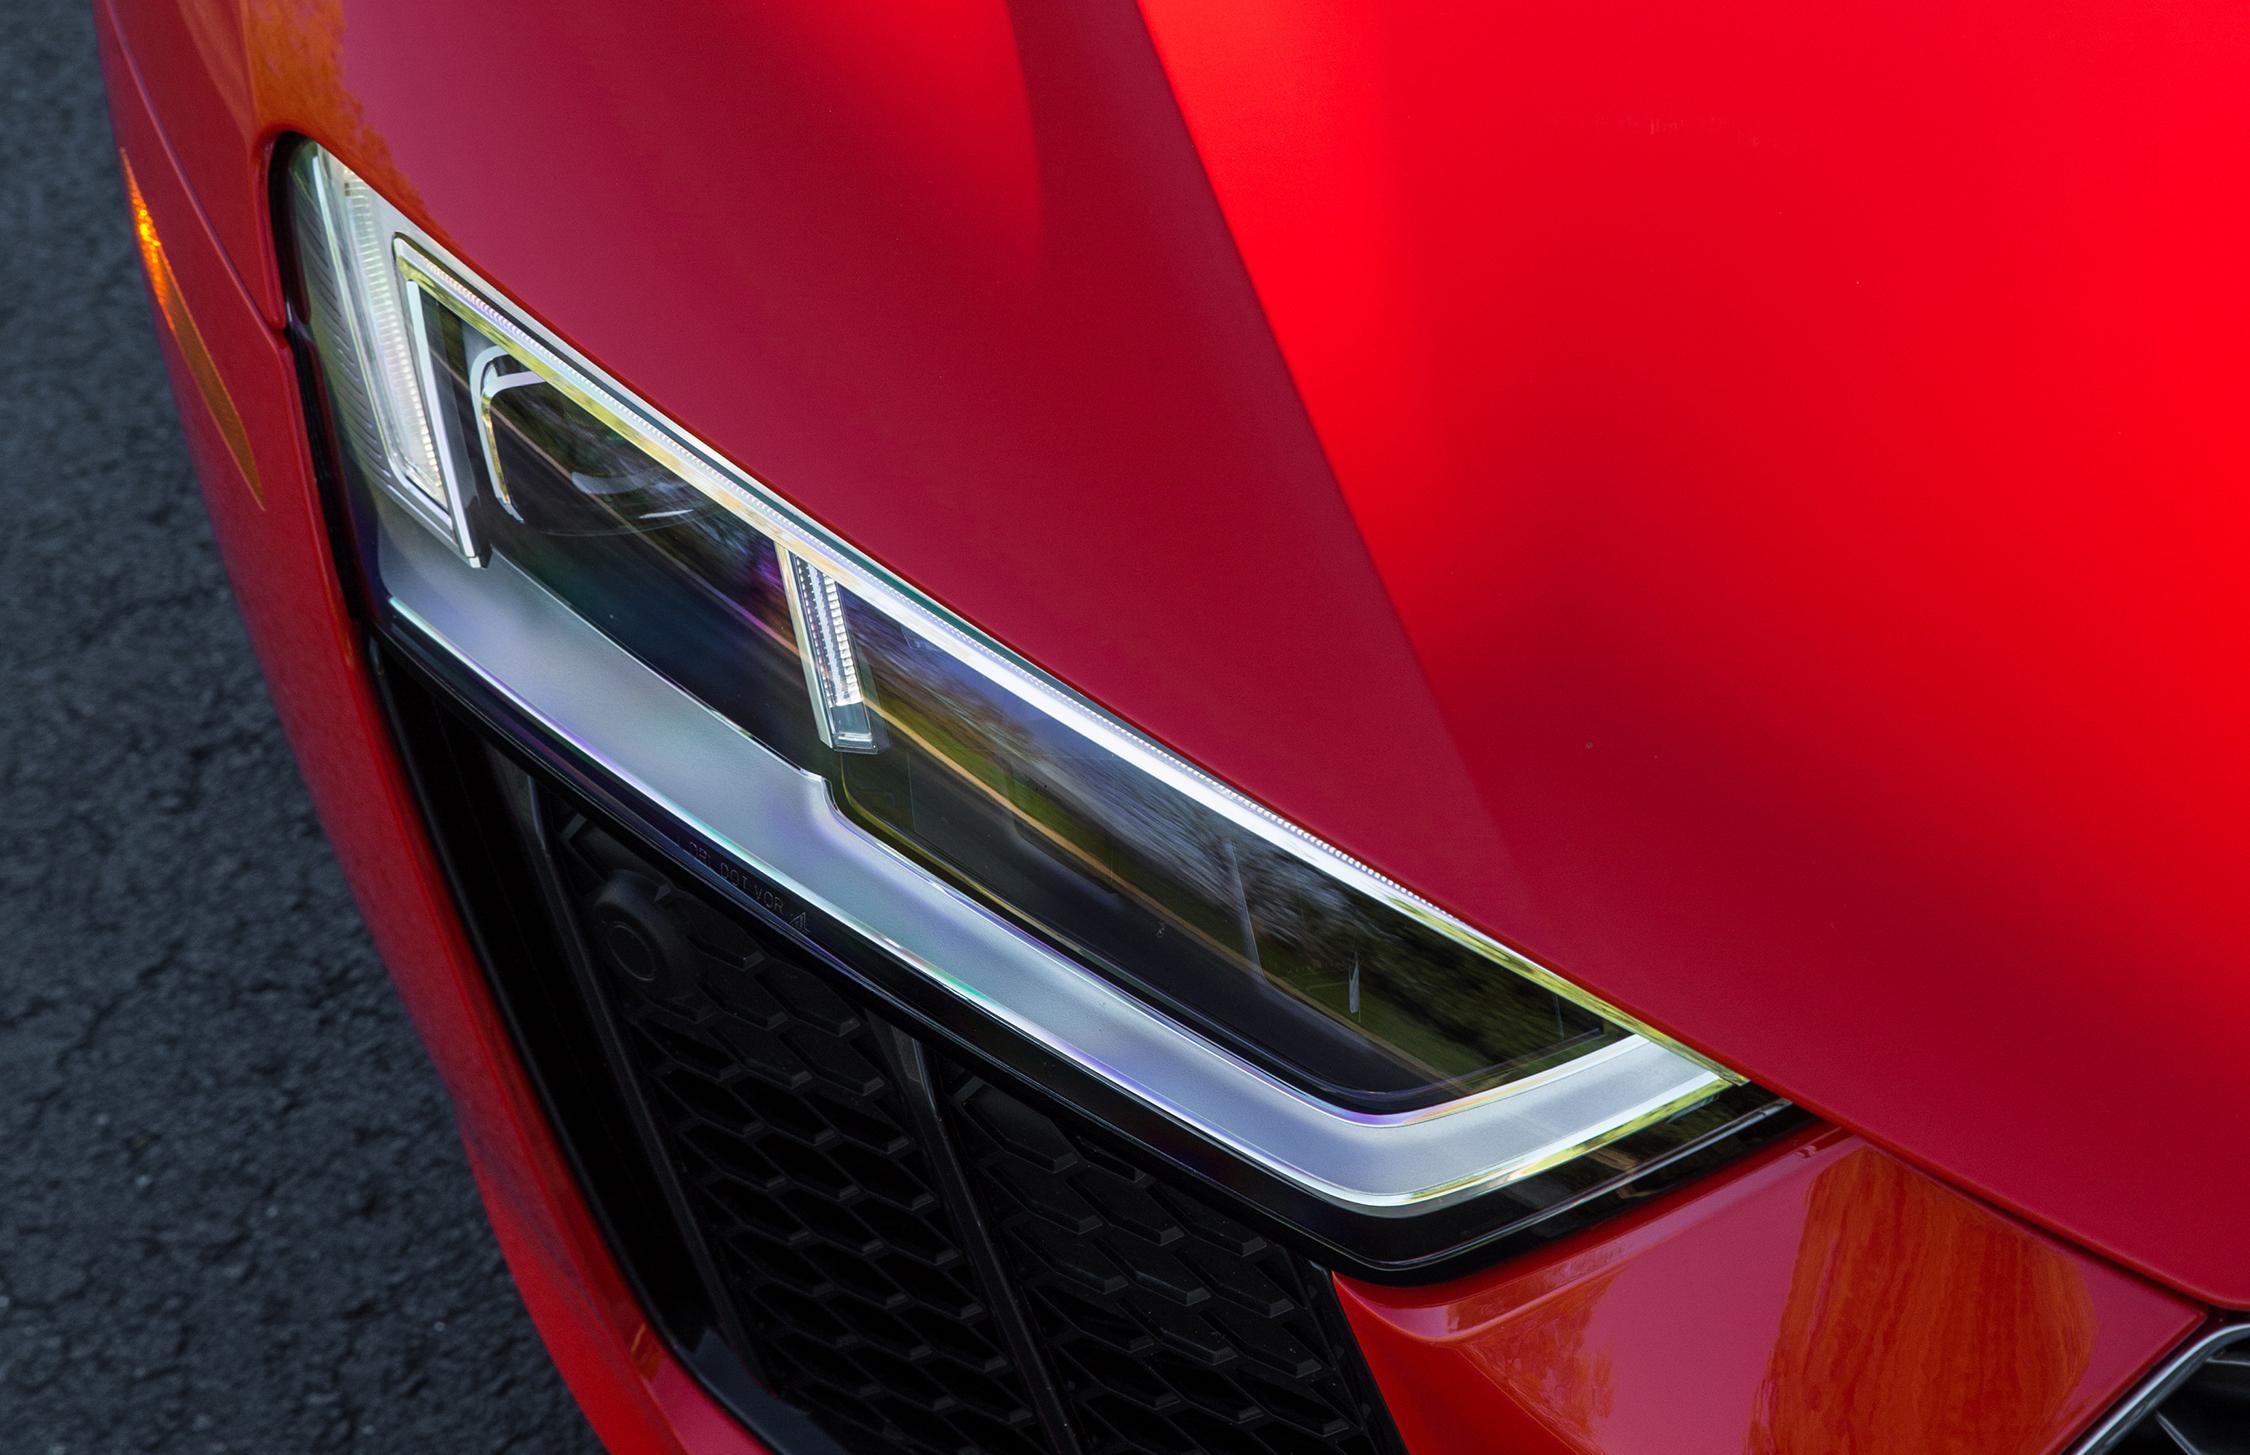 The 2017 Audi R8 V10.